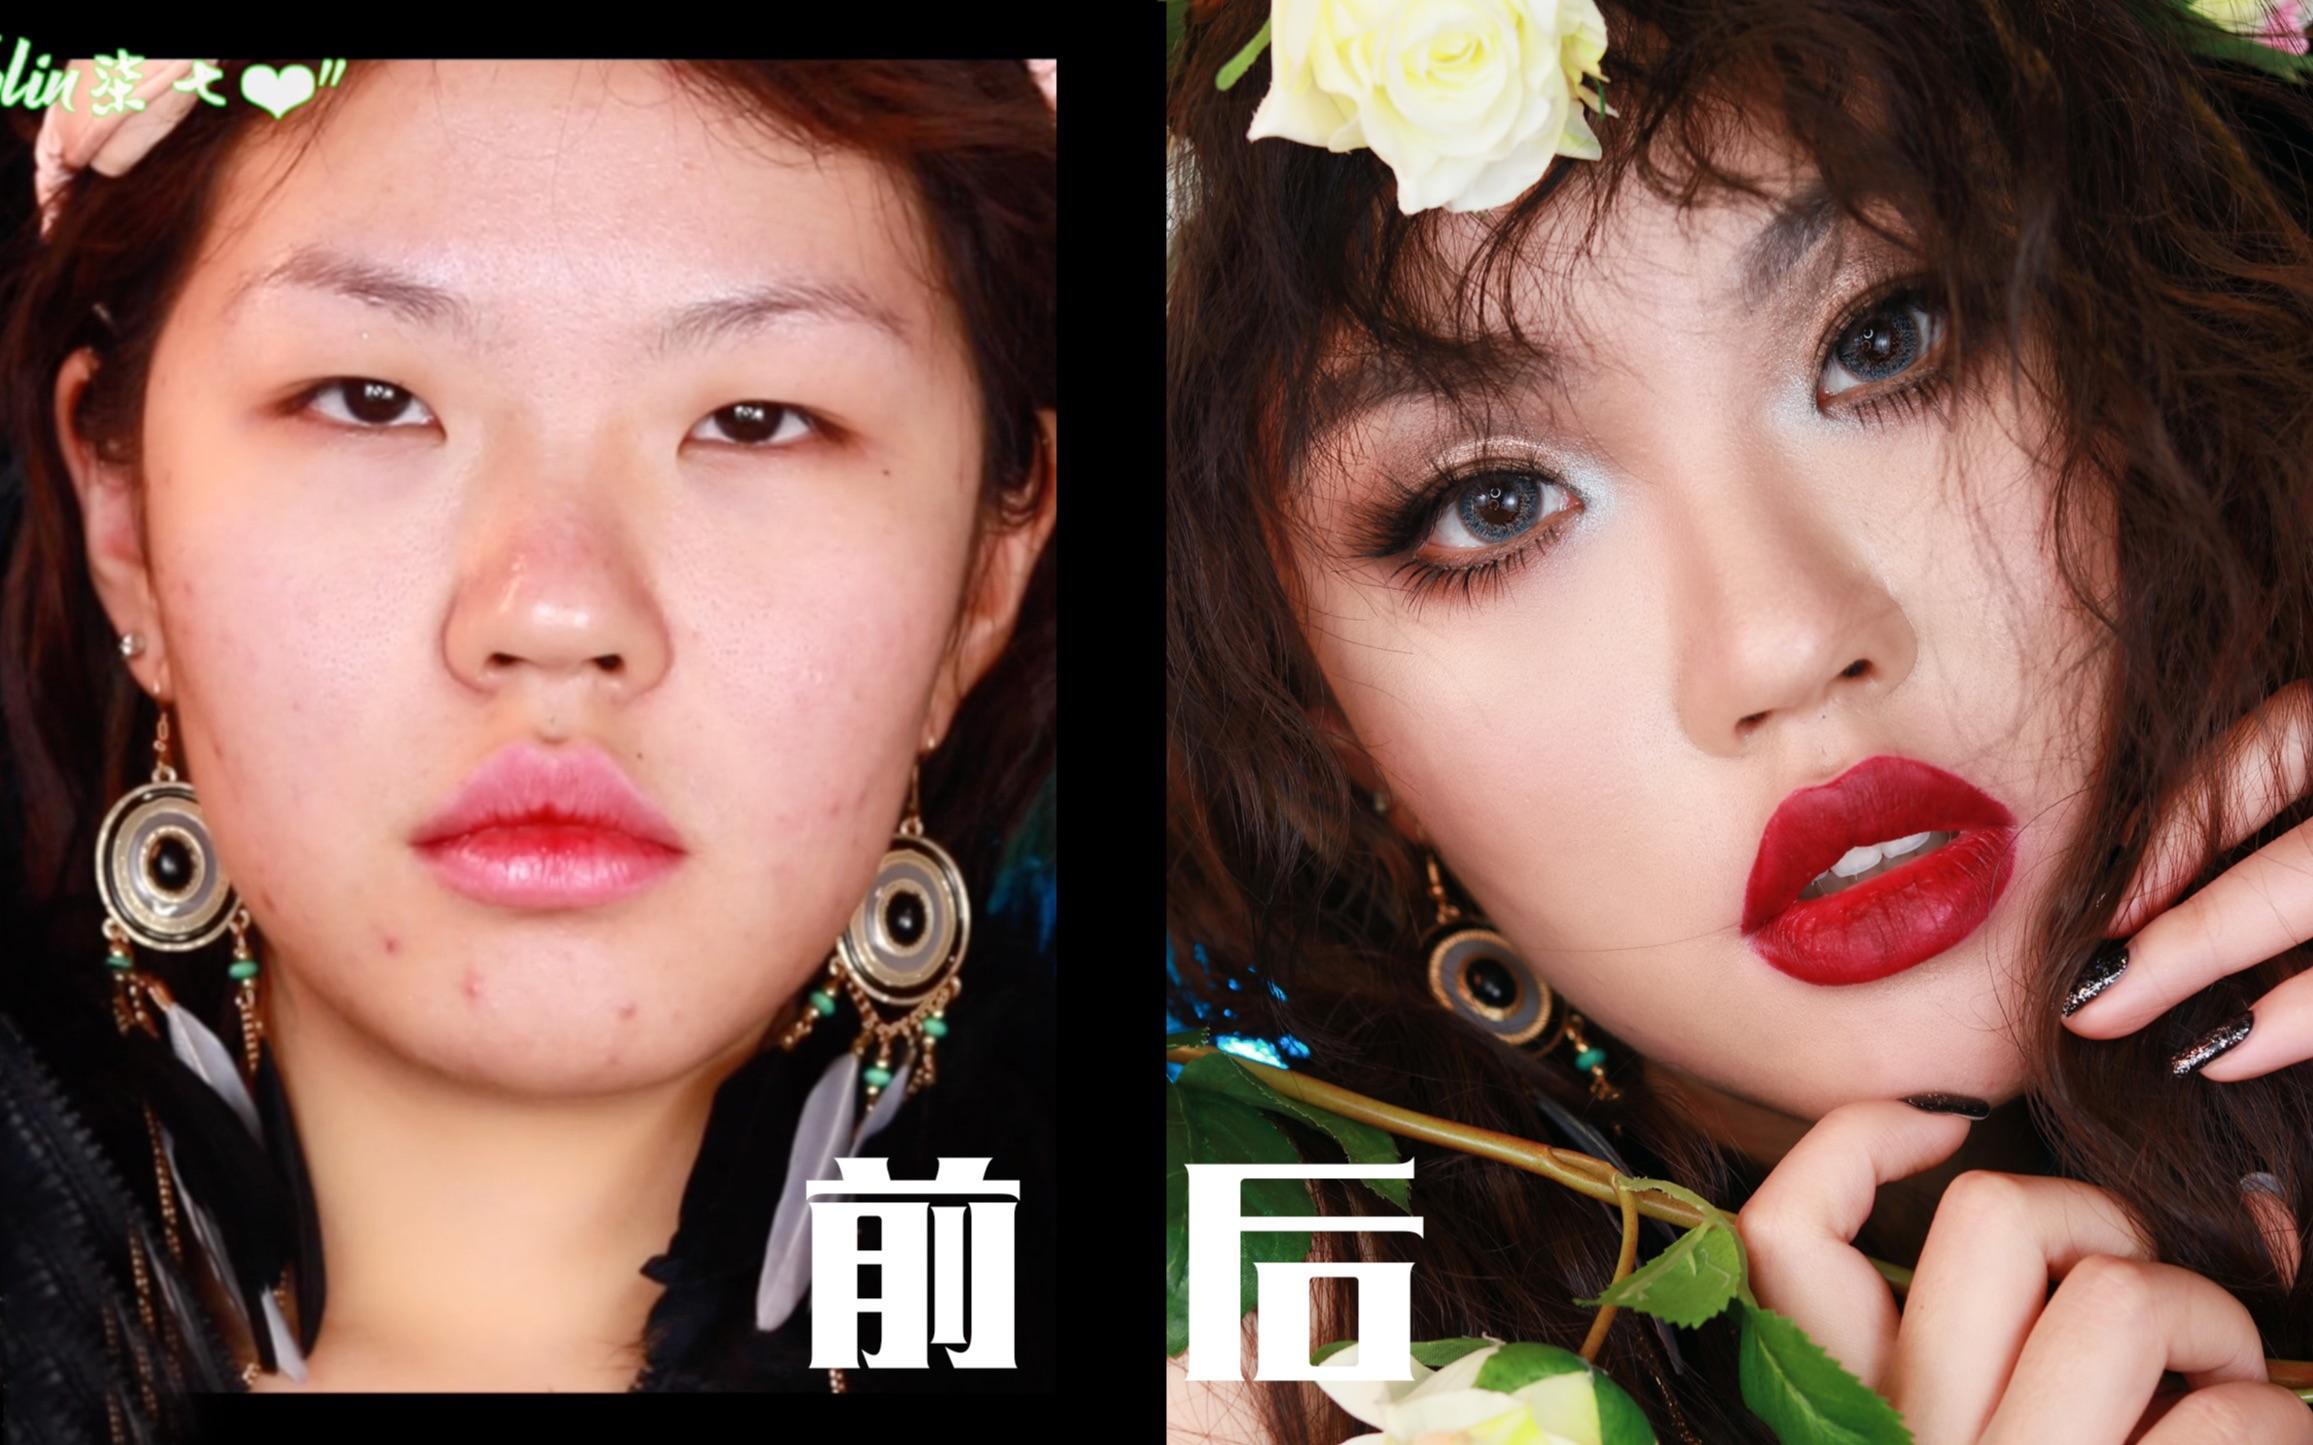 【Kylin柒七】CROXX最新凋零花园唇釉全妆试色,一个look+4个唇色